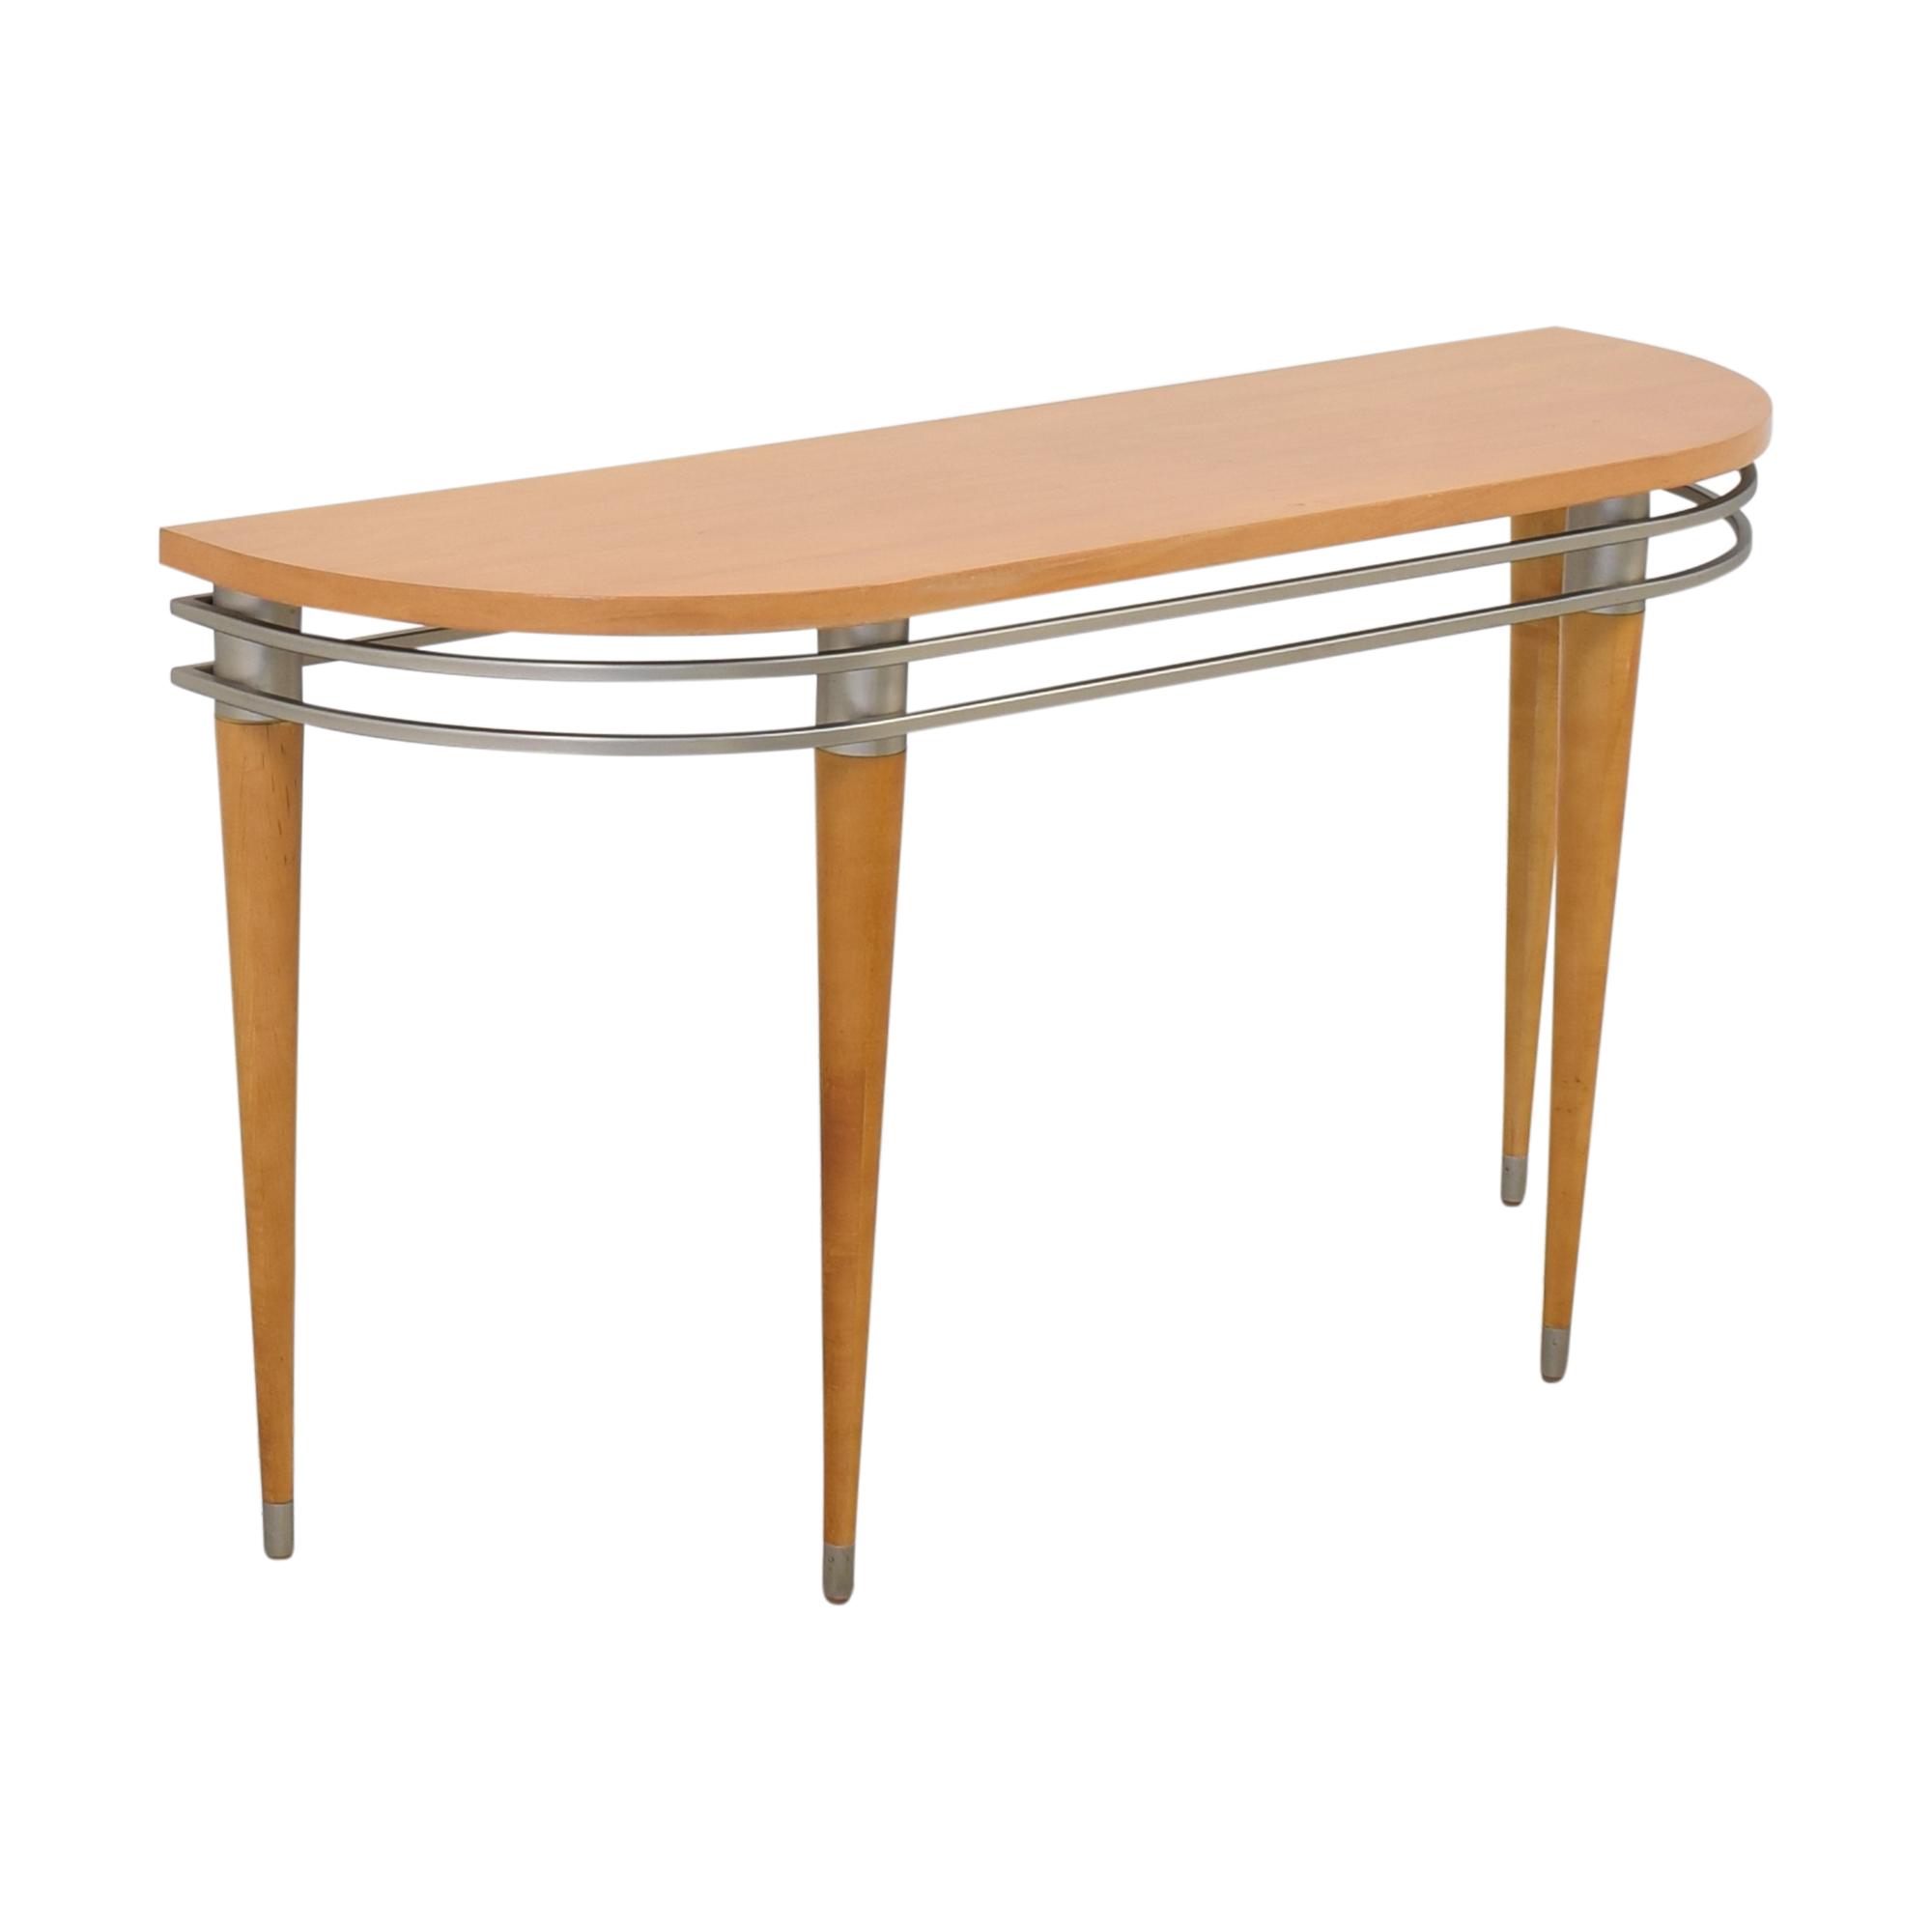 Ethan Allen Ethan Allen Radius Sofa Console Table nj